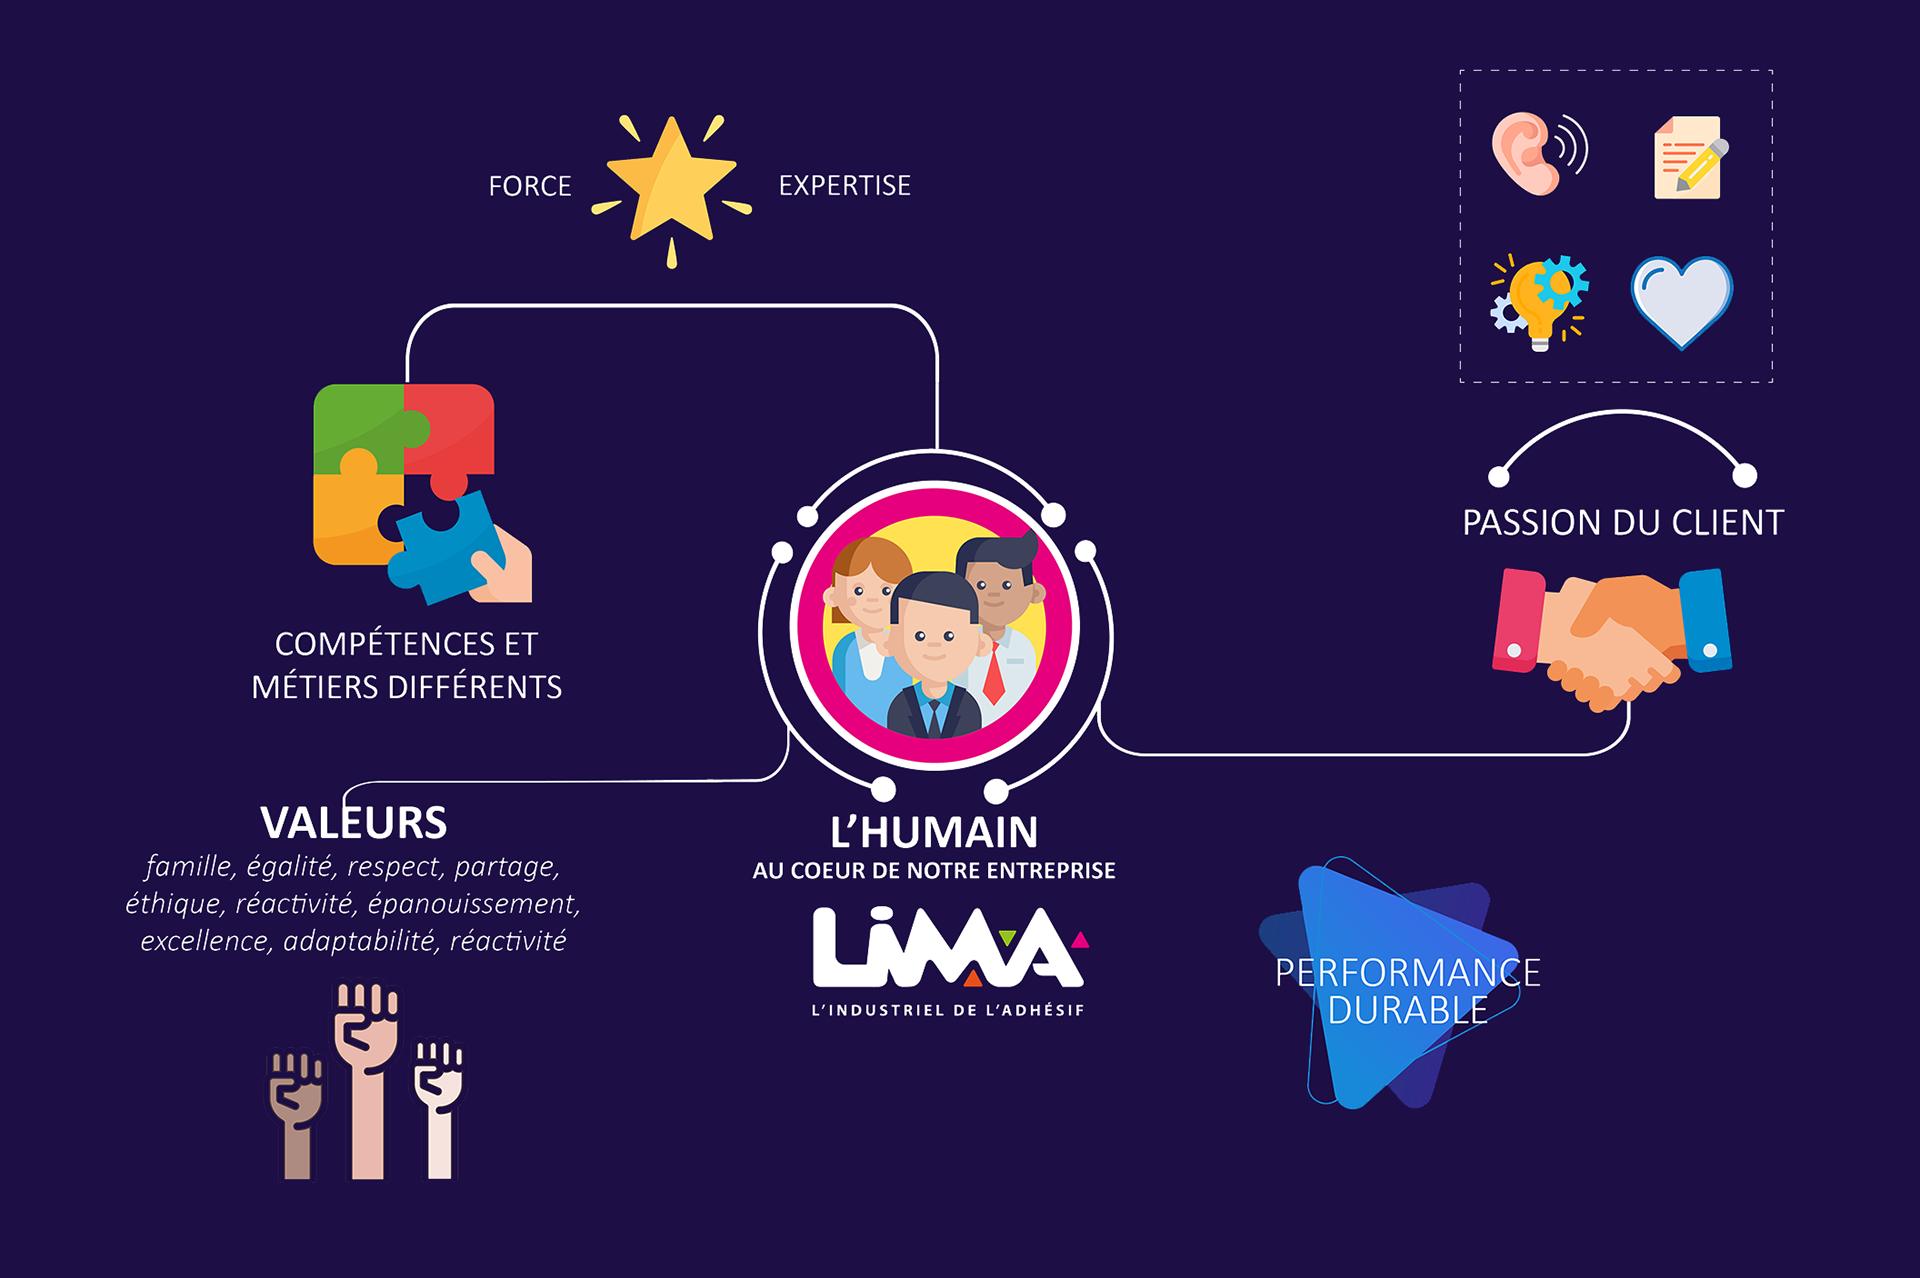 vision lima adhésifs passion client humain compétences et métiers différents famille égalité respect partage éthique réactivité épanouissement excellence adaptabilité réactivité infographie